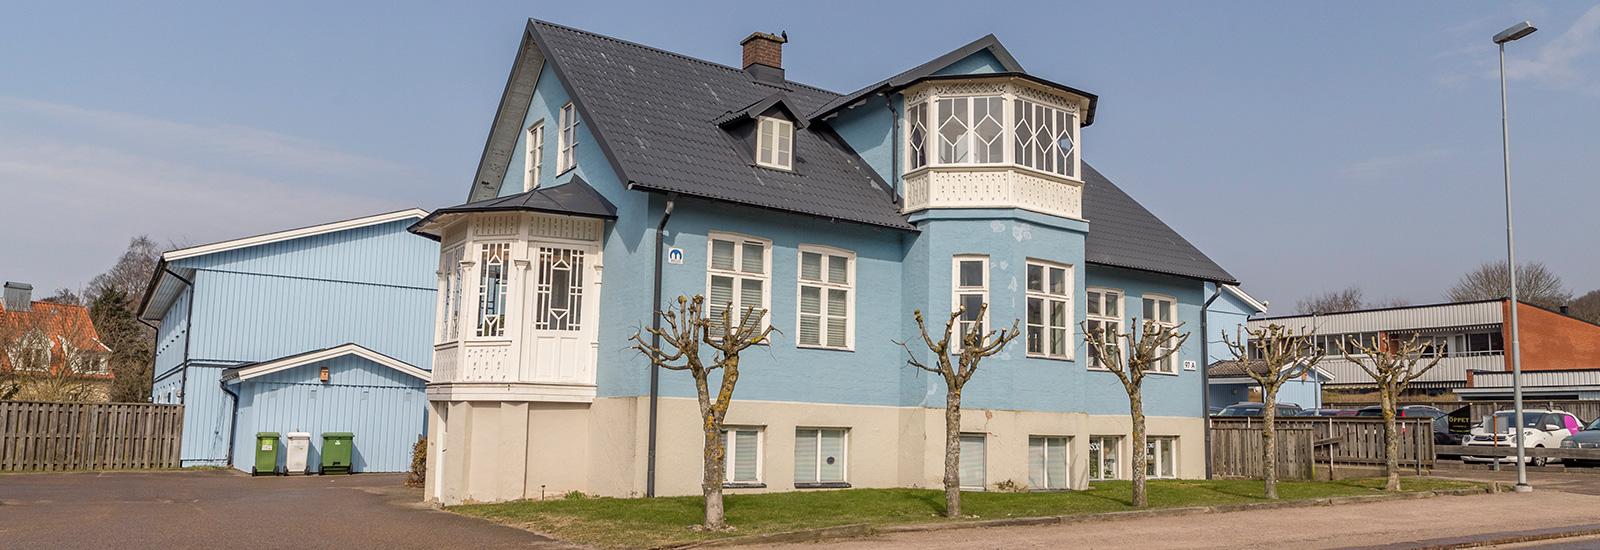 melins fastighetsförvaltning ängelholm